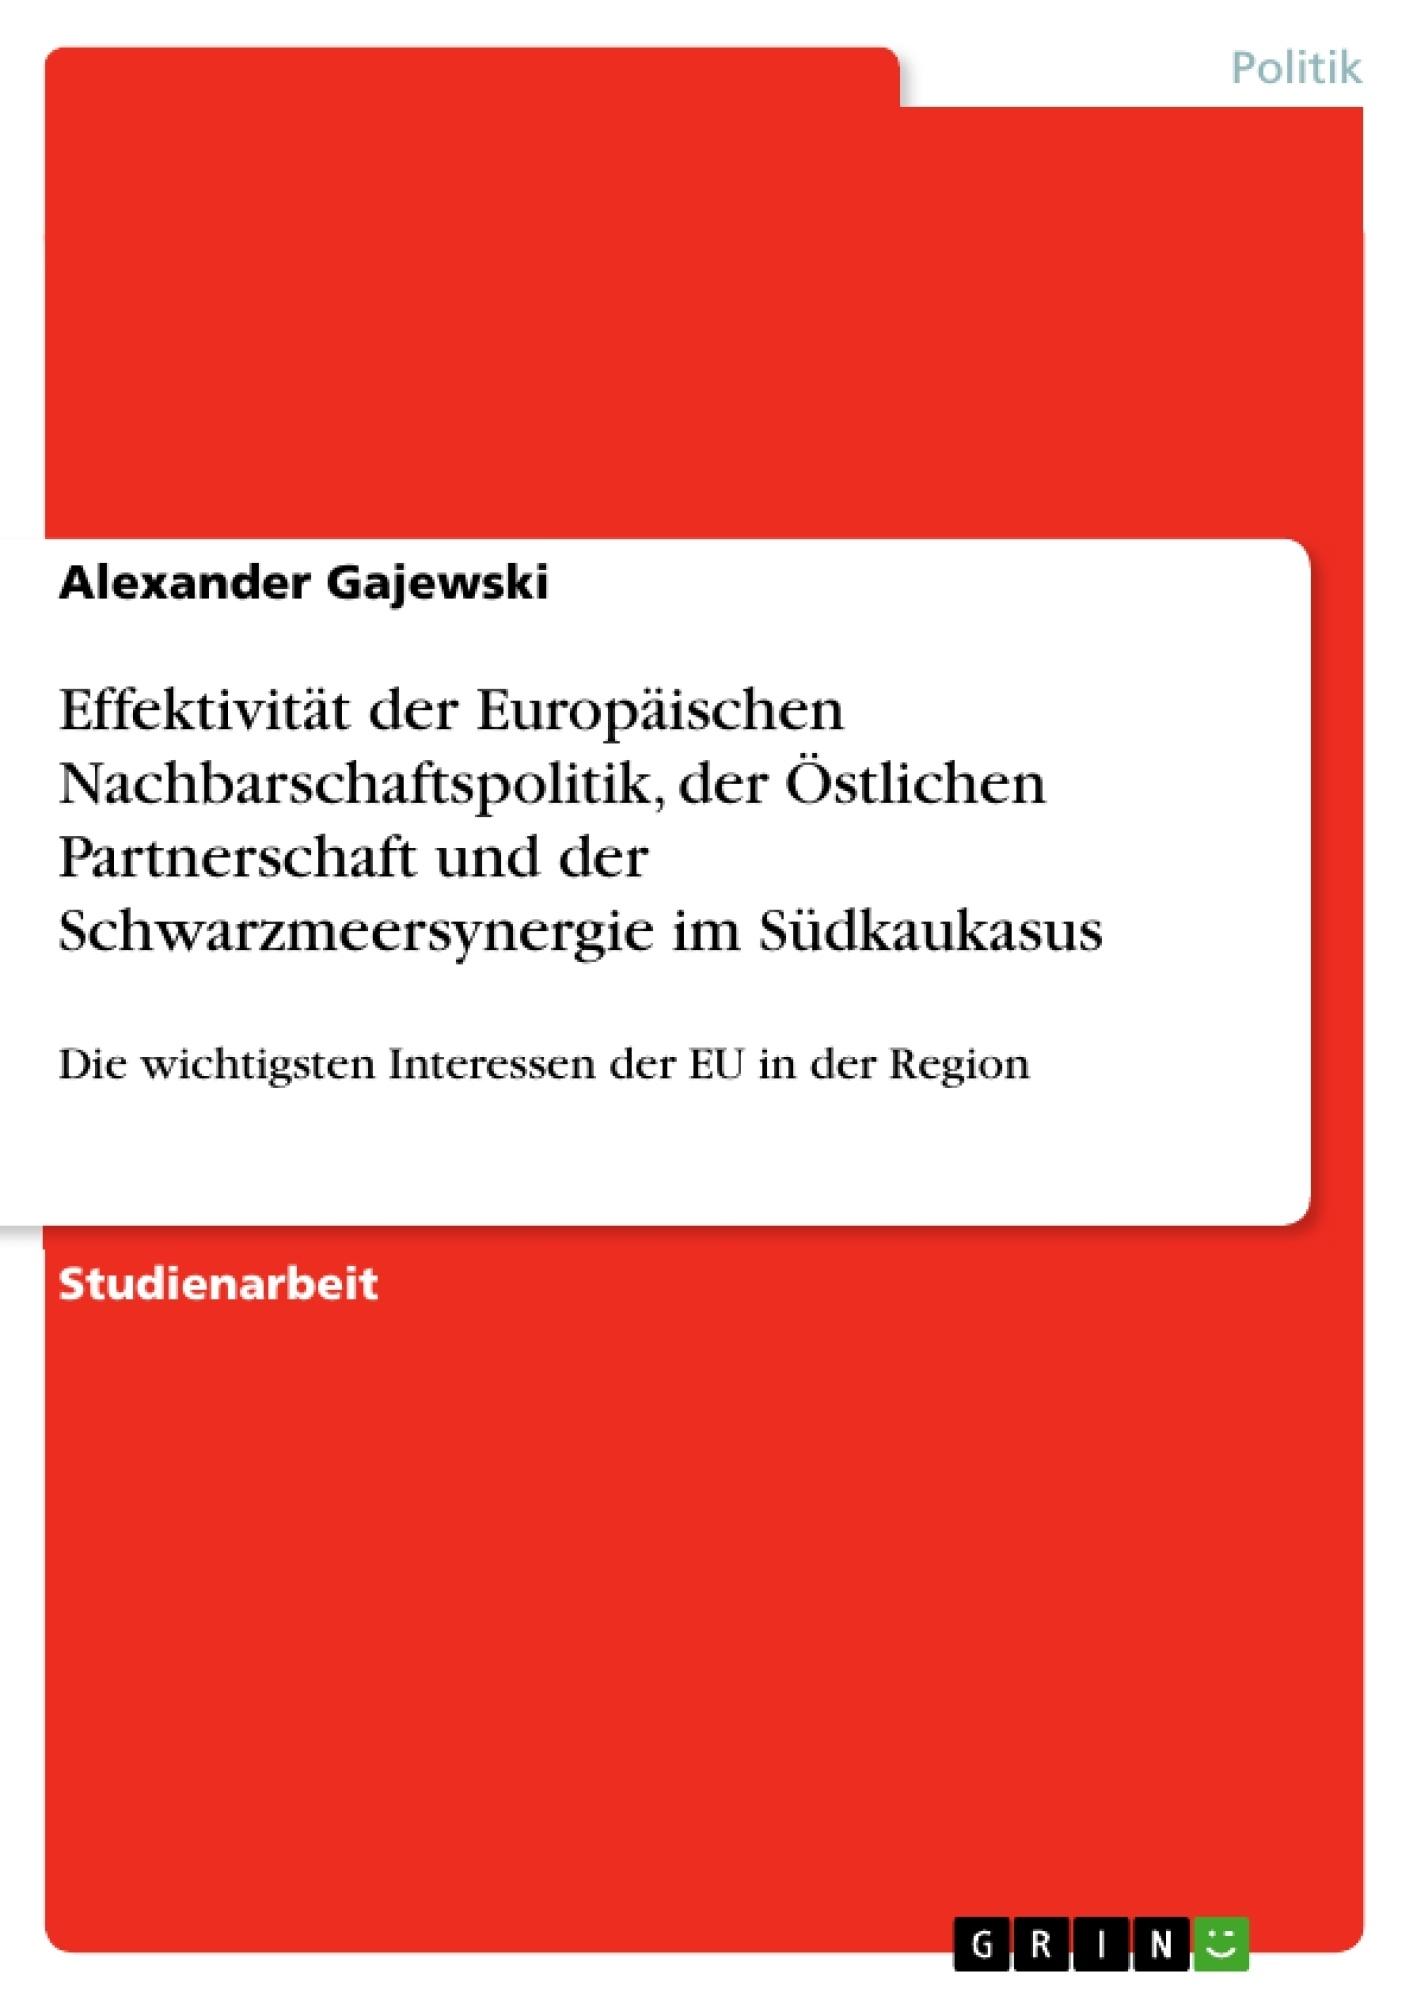 Titel: Effektivität der Europäischen Nachbarschaftspolitik, der Östlichen Partnerschaft und der Schwarzmeersynergie im Südkaukasus